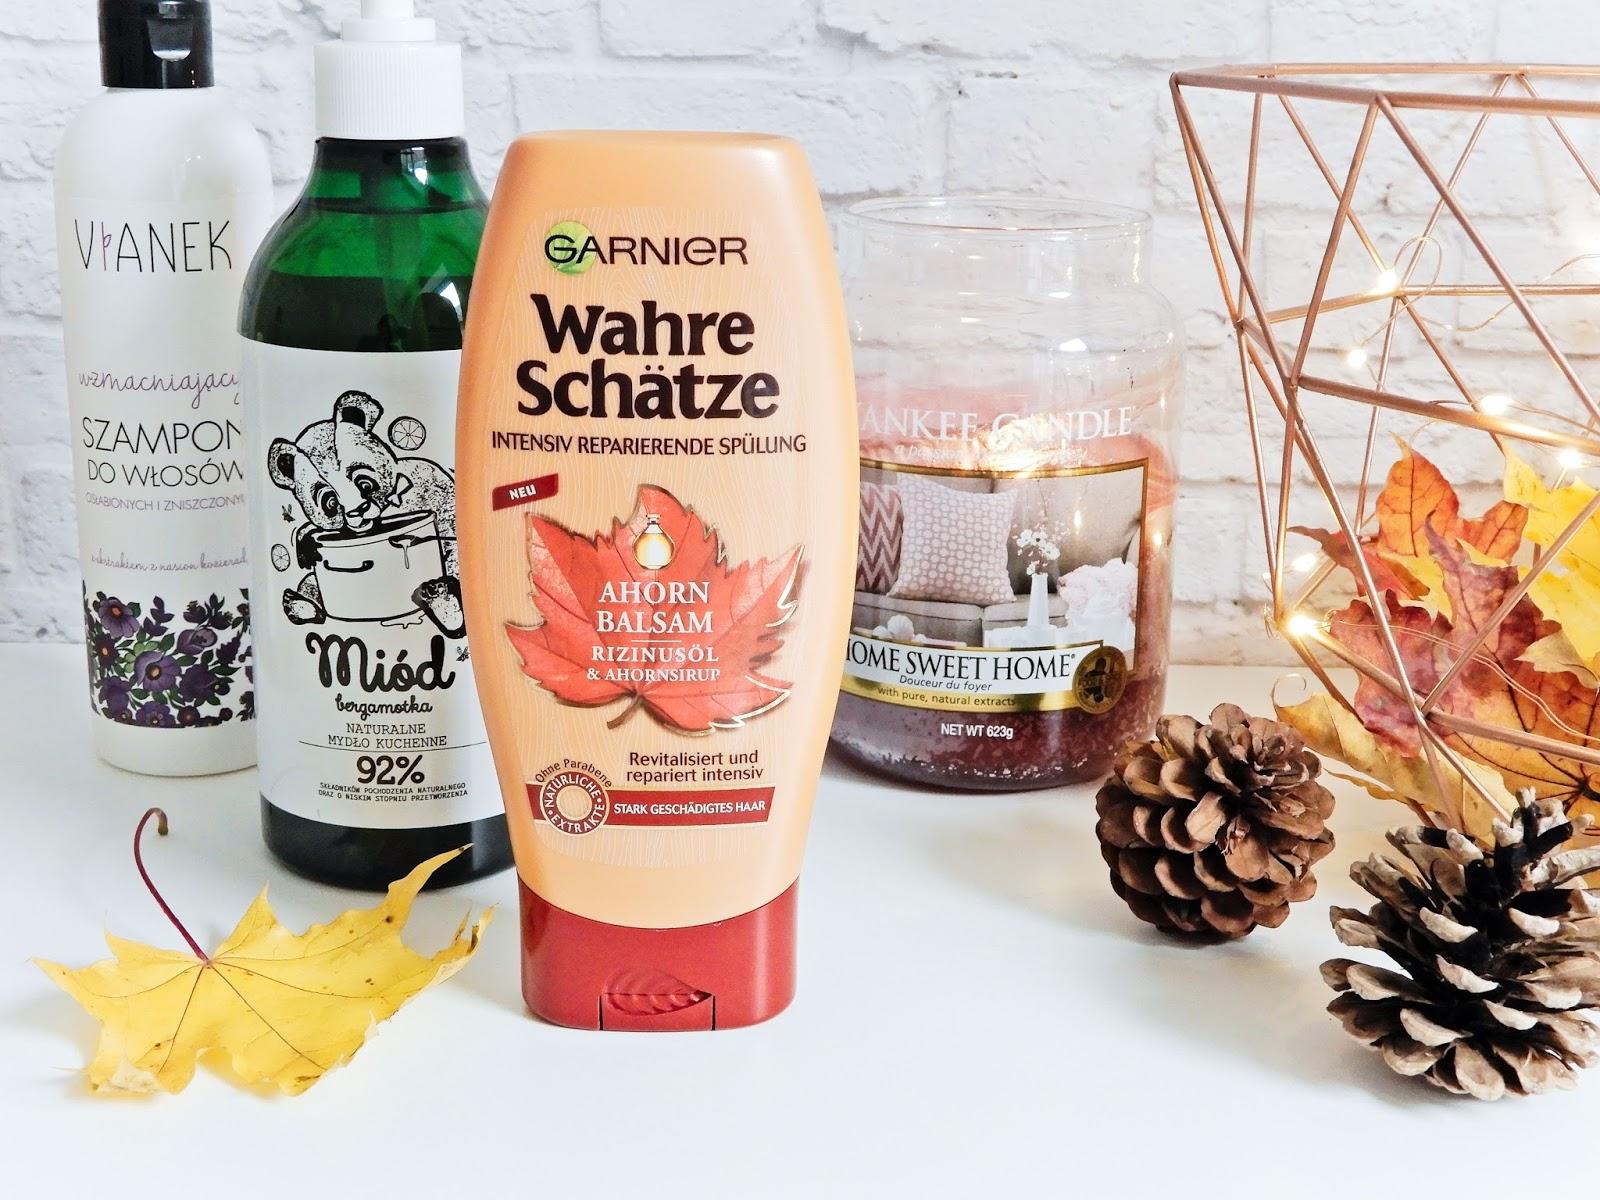 szampon wzmacniający z Vianka z fioletowej serii, Garnier z syropem klonowym i olejkiem rycynowym, kuchenne mydełko marki YOPE miód i bergamotka